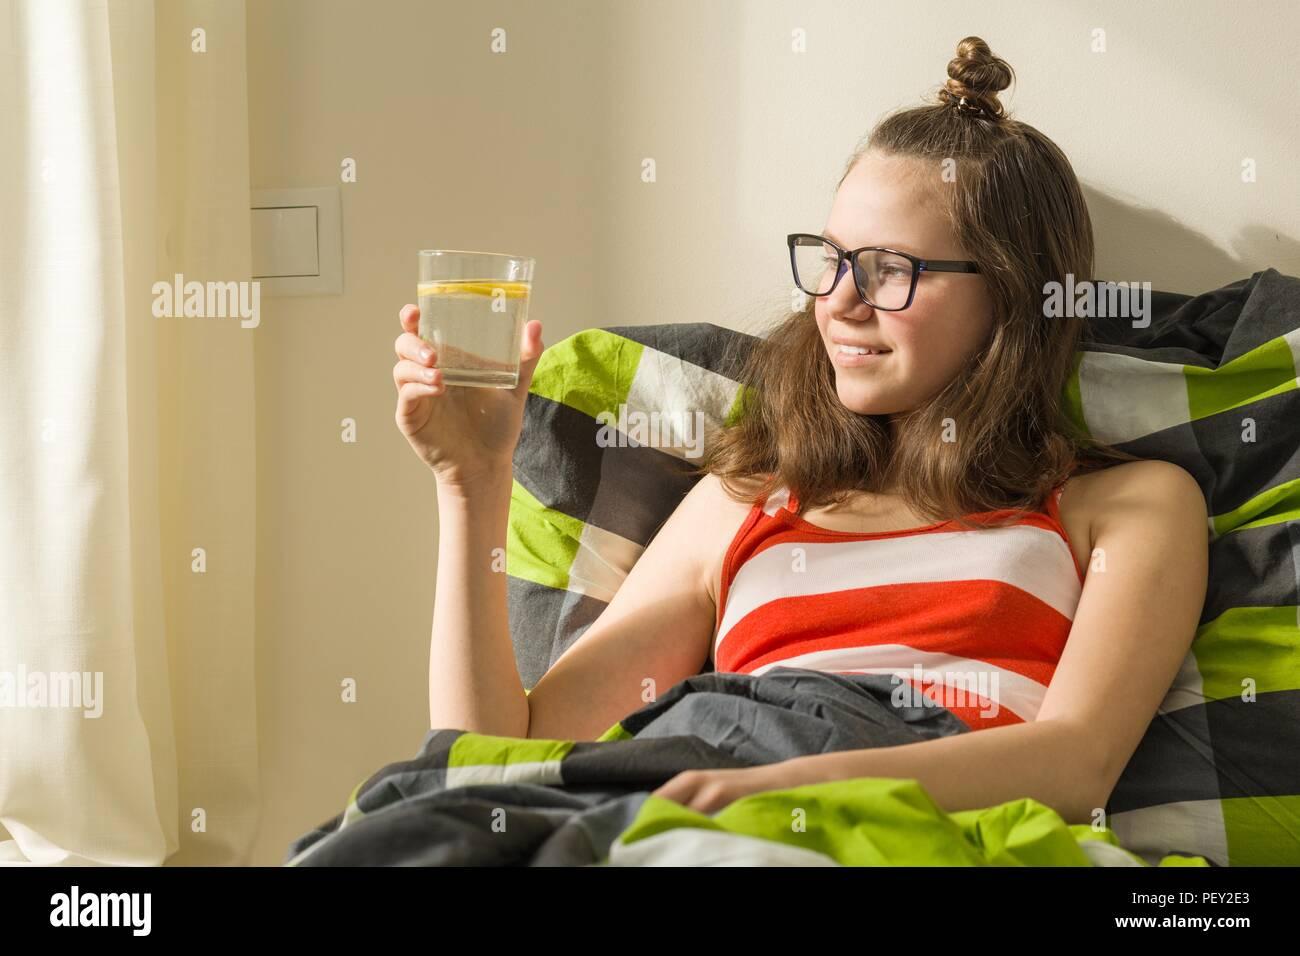 Matin verre d'eau avec du citron dans les mains d'adolescente. Mode de vie sain, l'alimentation, antioxydant Photo Stock